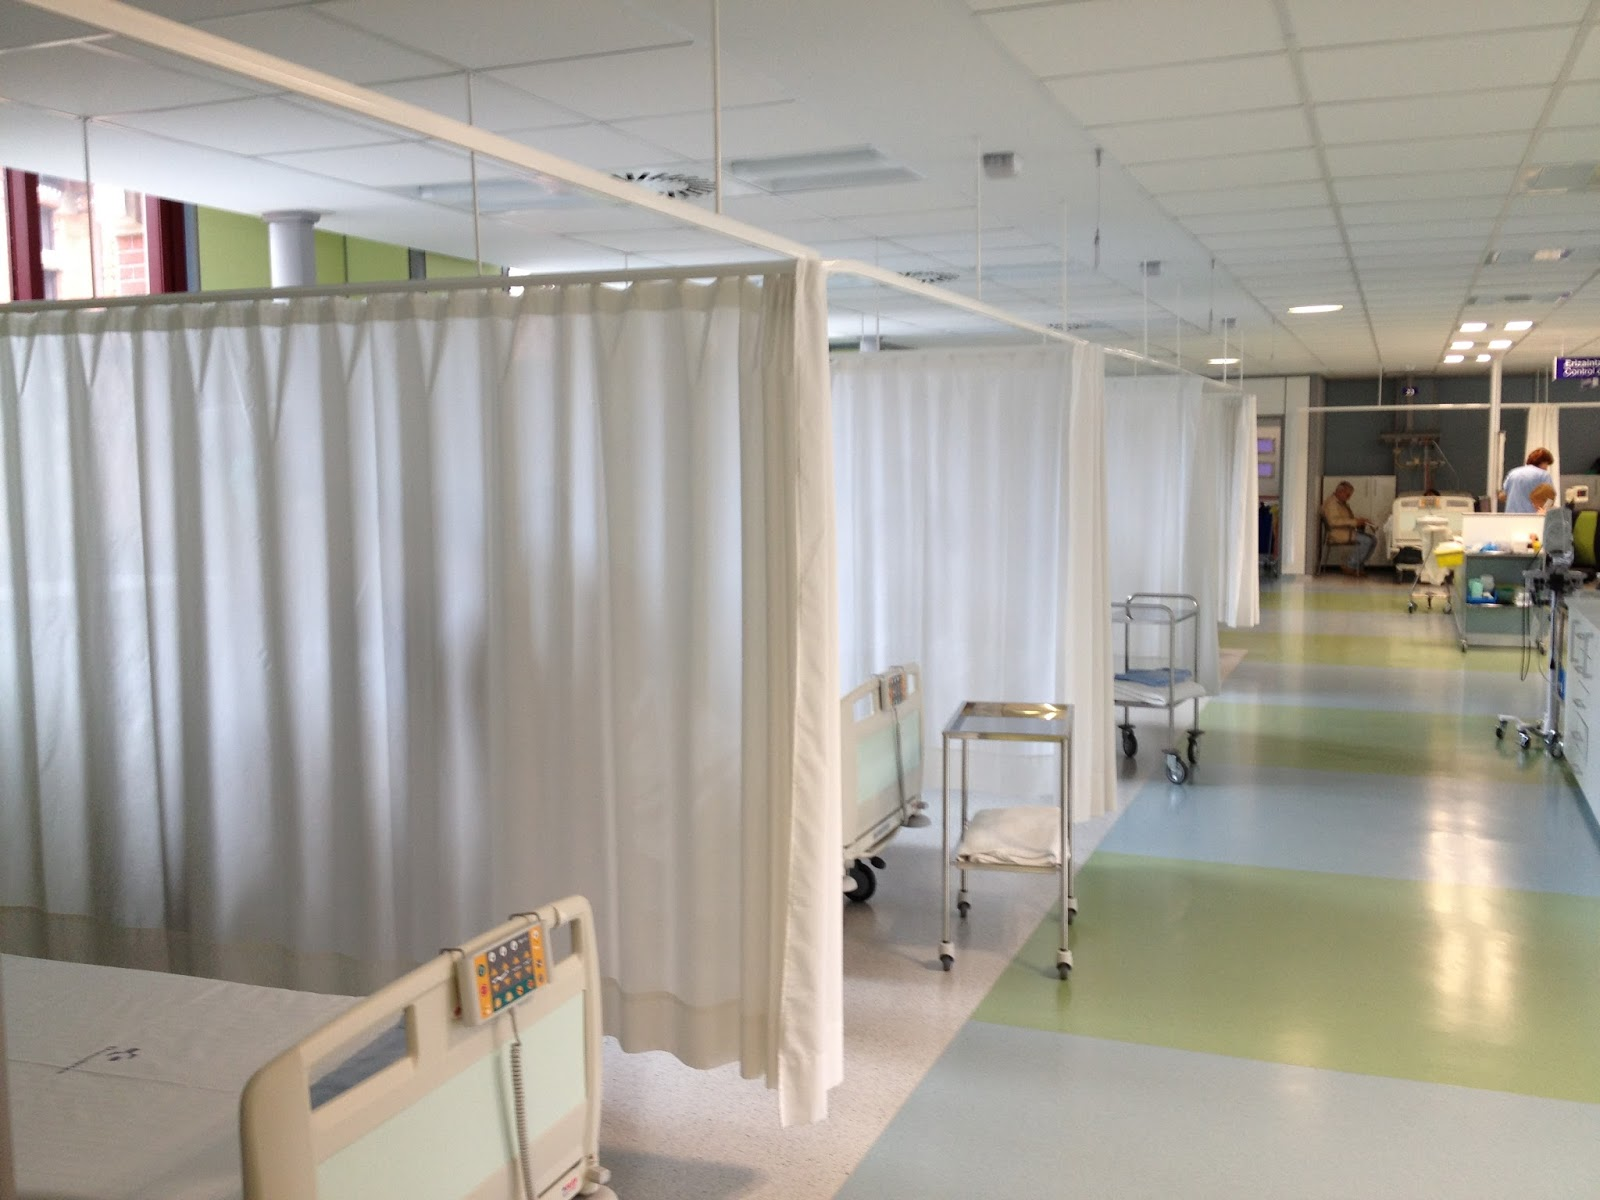 Lekune cortinas separadoras para hospitales o consultas - Cortinas separadoras de ambientes ...